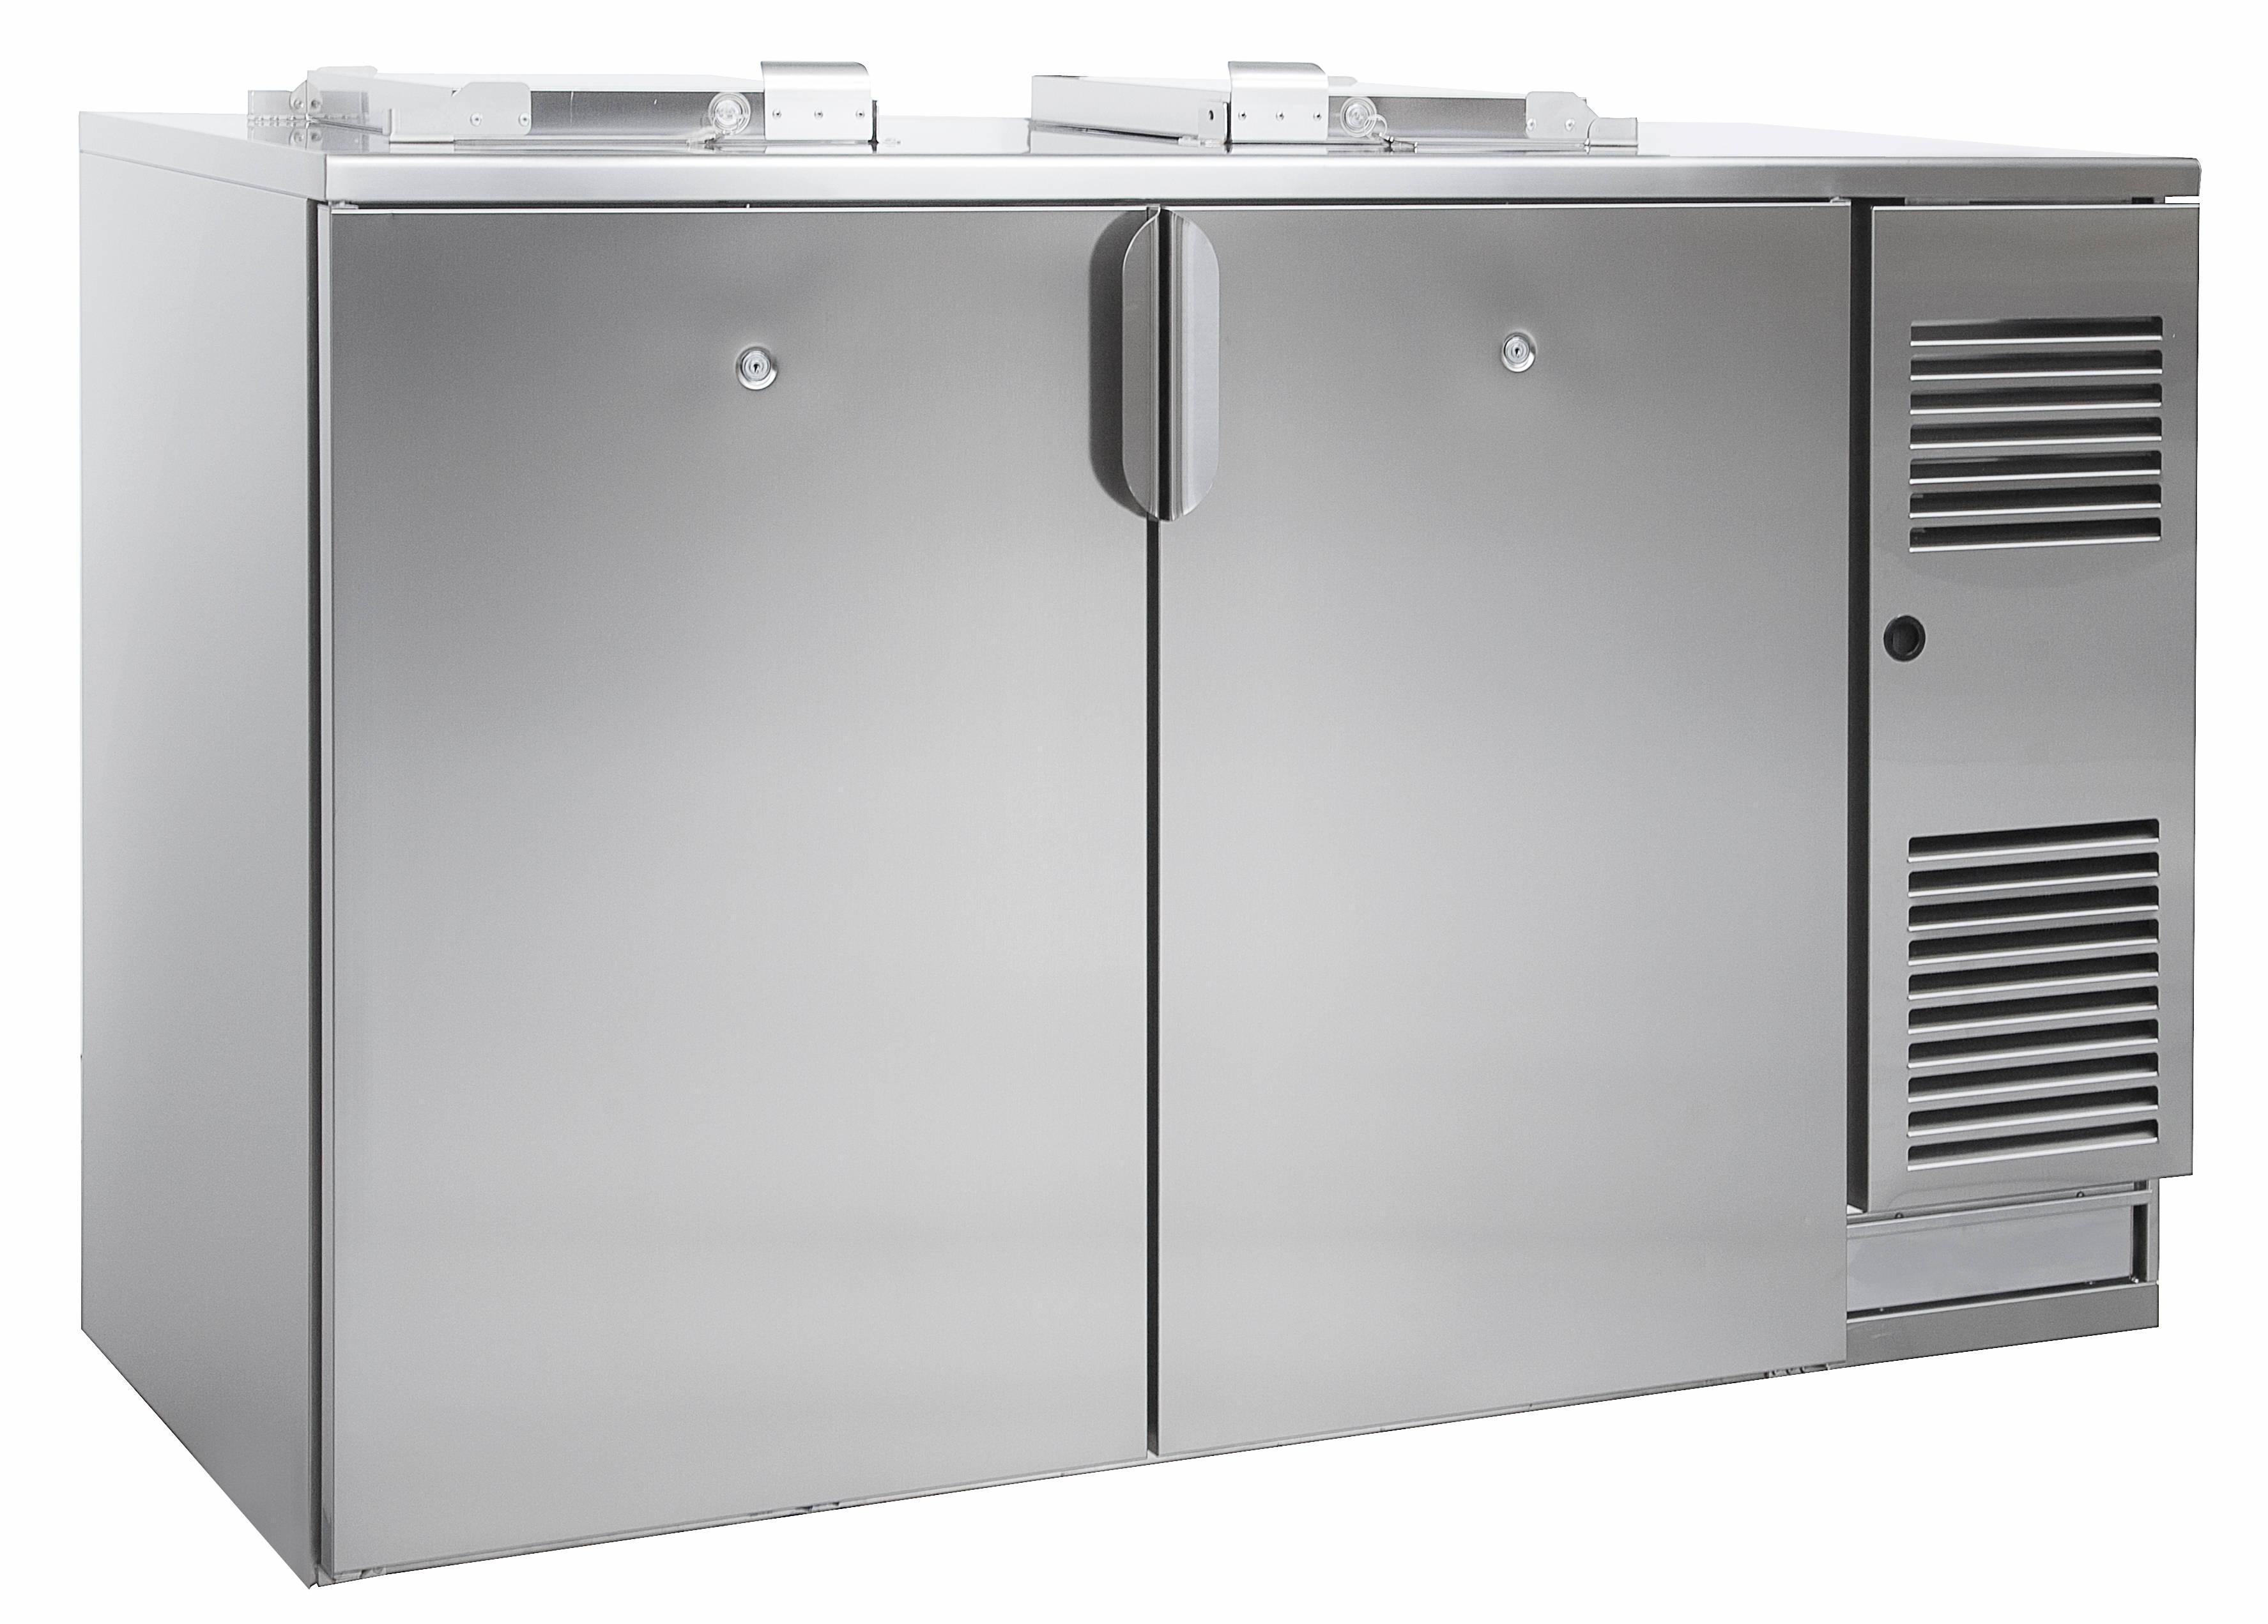 Abfallkühler AFKM 240-2